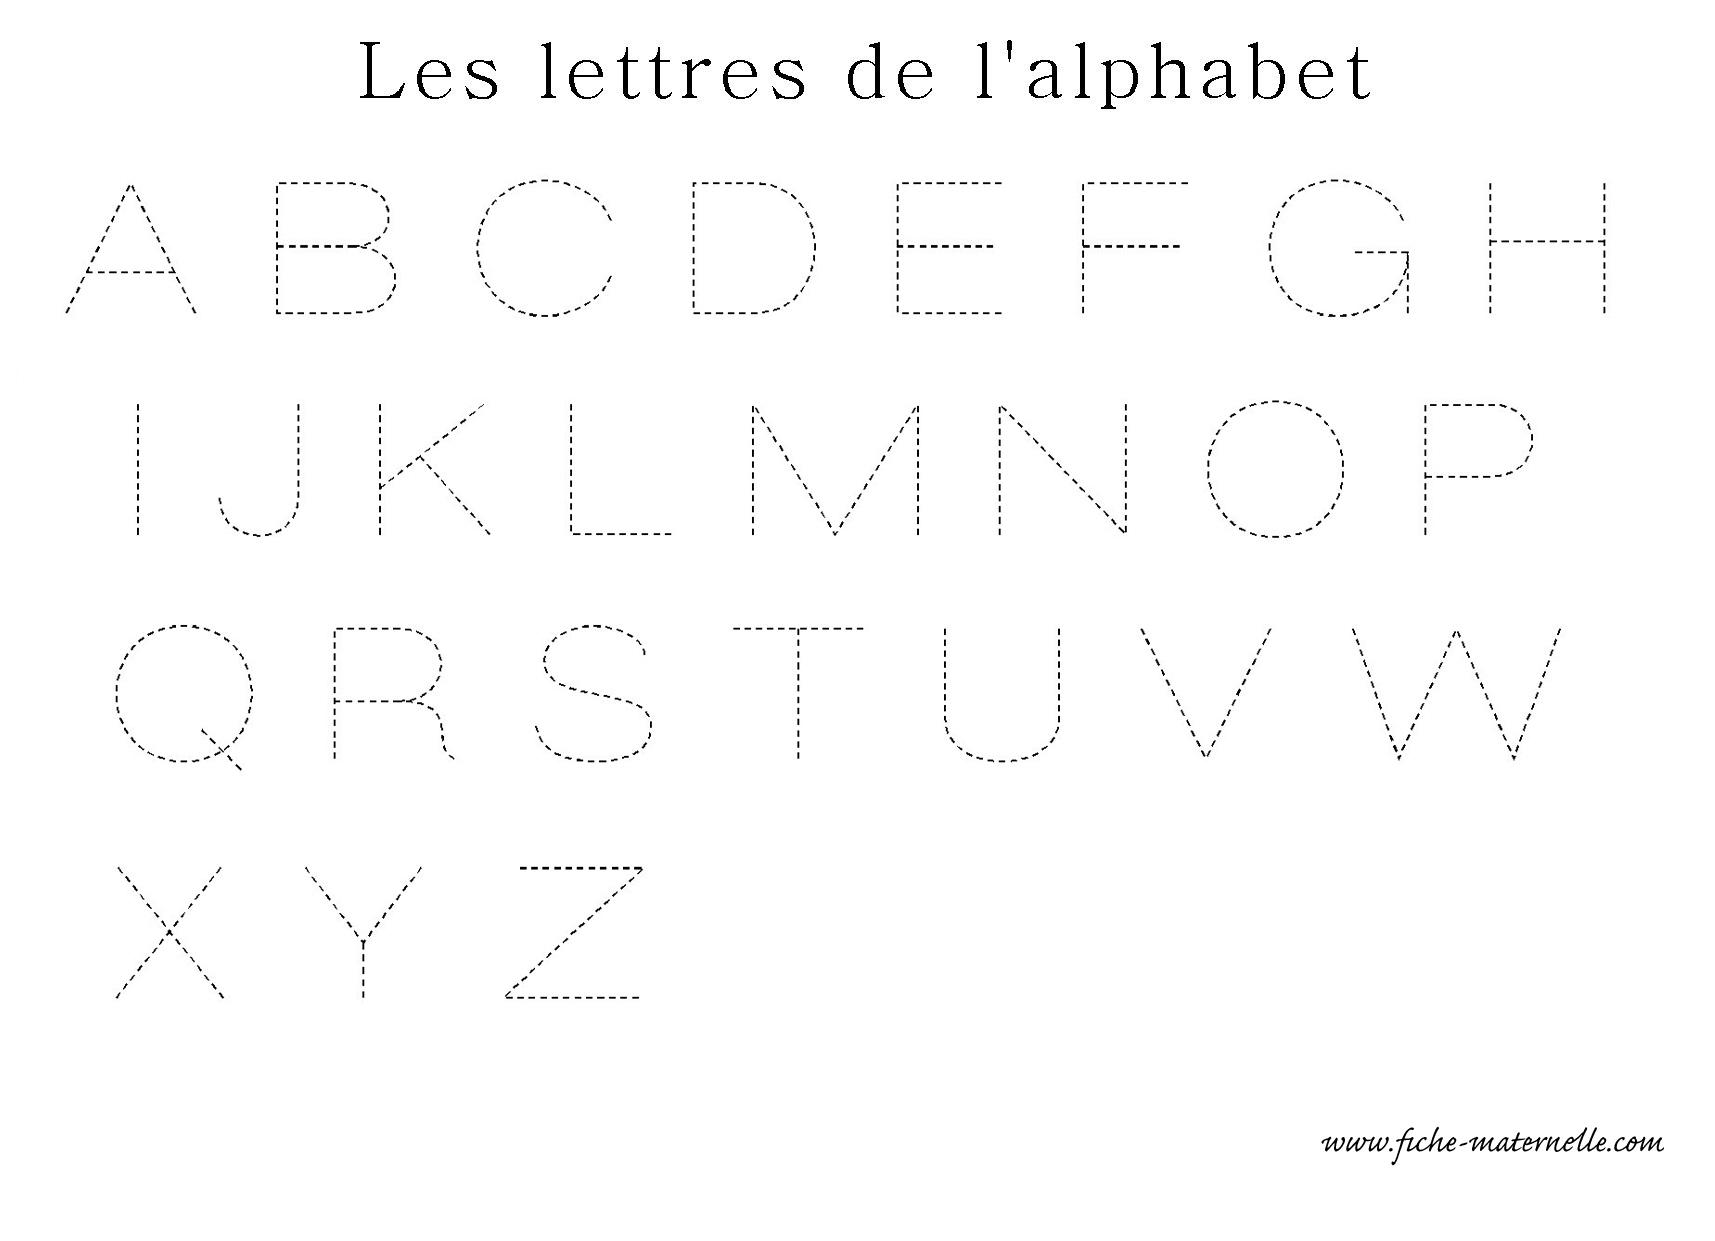 Apprendre A Ecrire Les Lettres De L Alphabet En Ecriture concernant Comment Écrire Les Lettres De L Alphabet Français